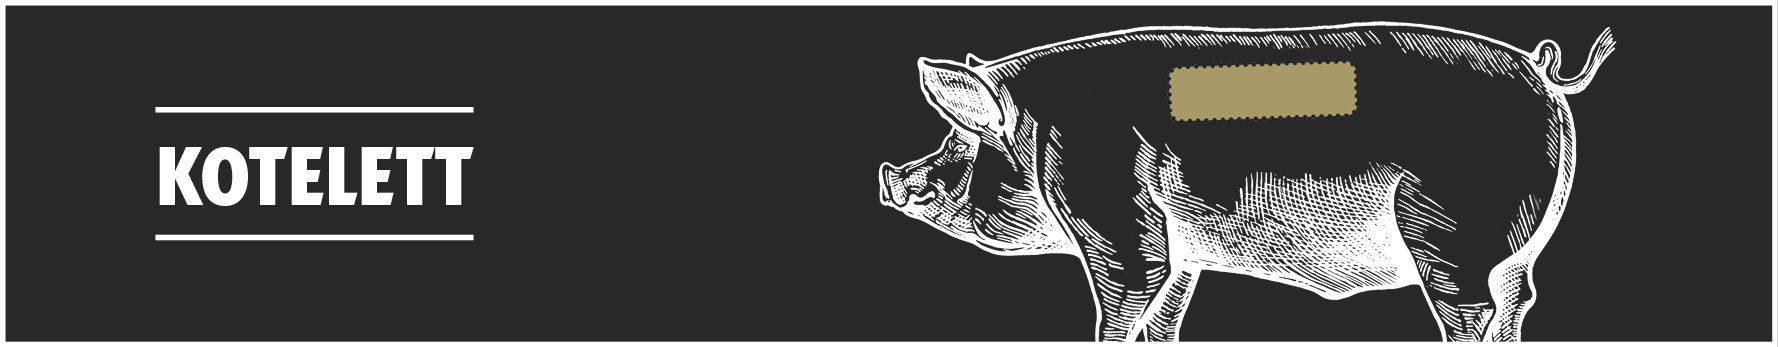 Schweinekotelett online kaufen bei Don Carne.de » Nur allerbeste Qualität ✔ Sichere & schnelle Lieferung ✔ Kontrollierte und zertifizierte Herkunft ✔ Kostenloser Versand ab 99€ Bestellwert ✔